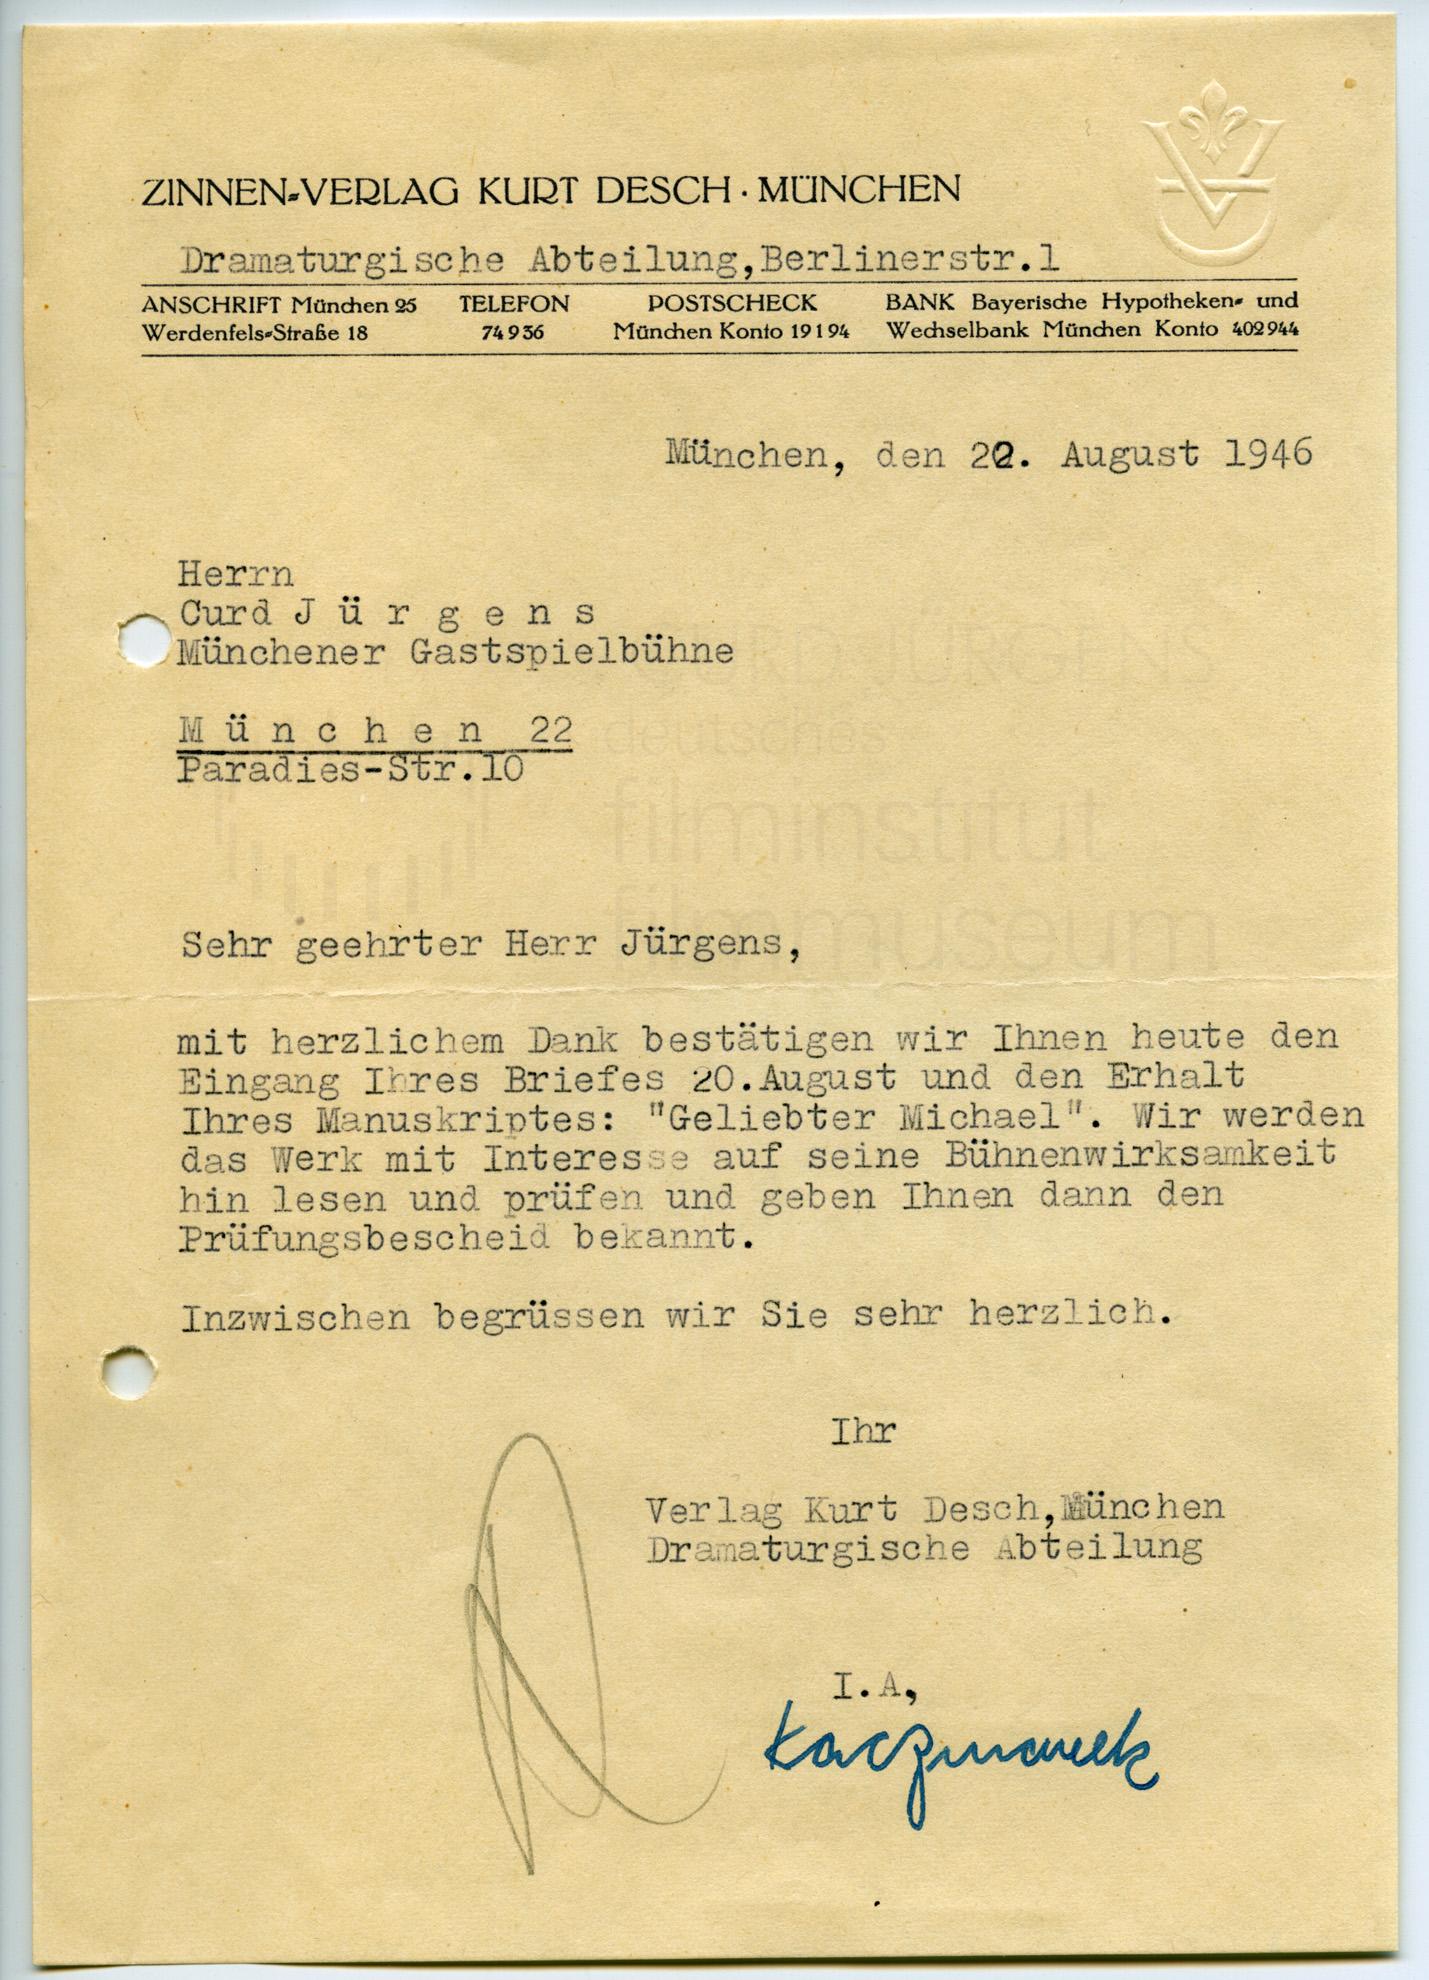 [ ] Kaczmarek (Zinnen-Verlag Kurt Desch) an Curd Jürgens. München, 22.8.1946